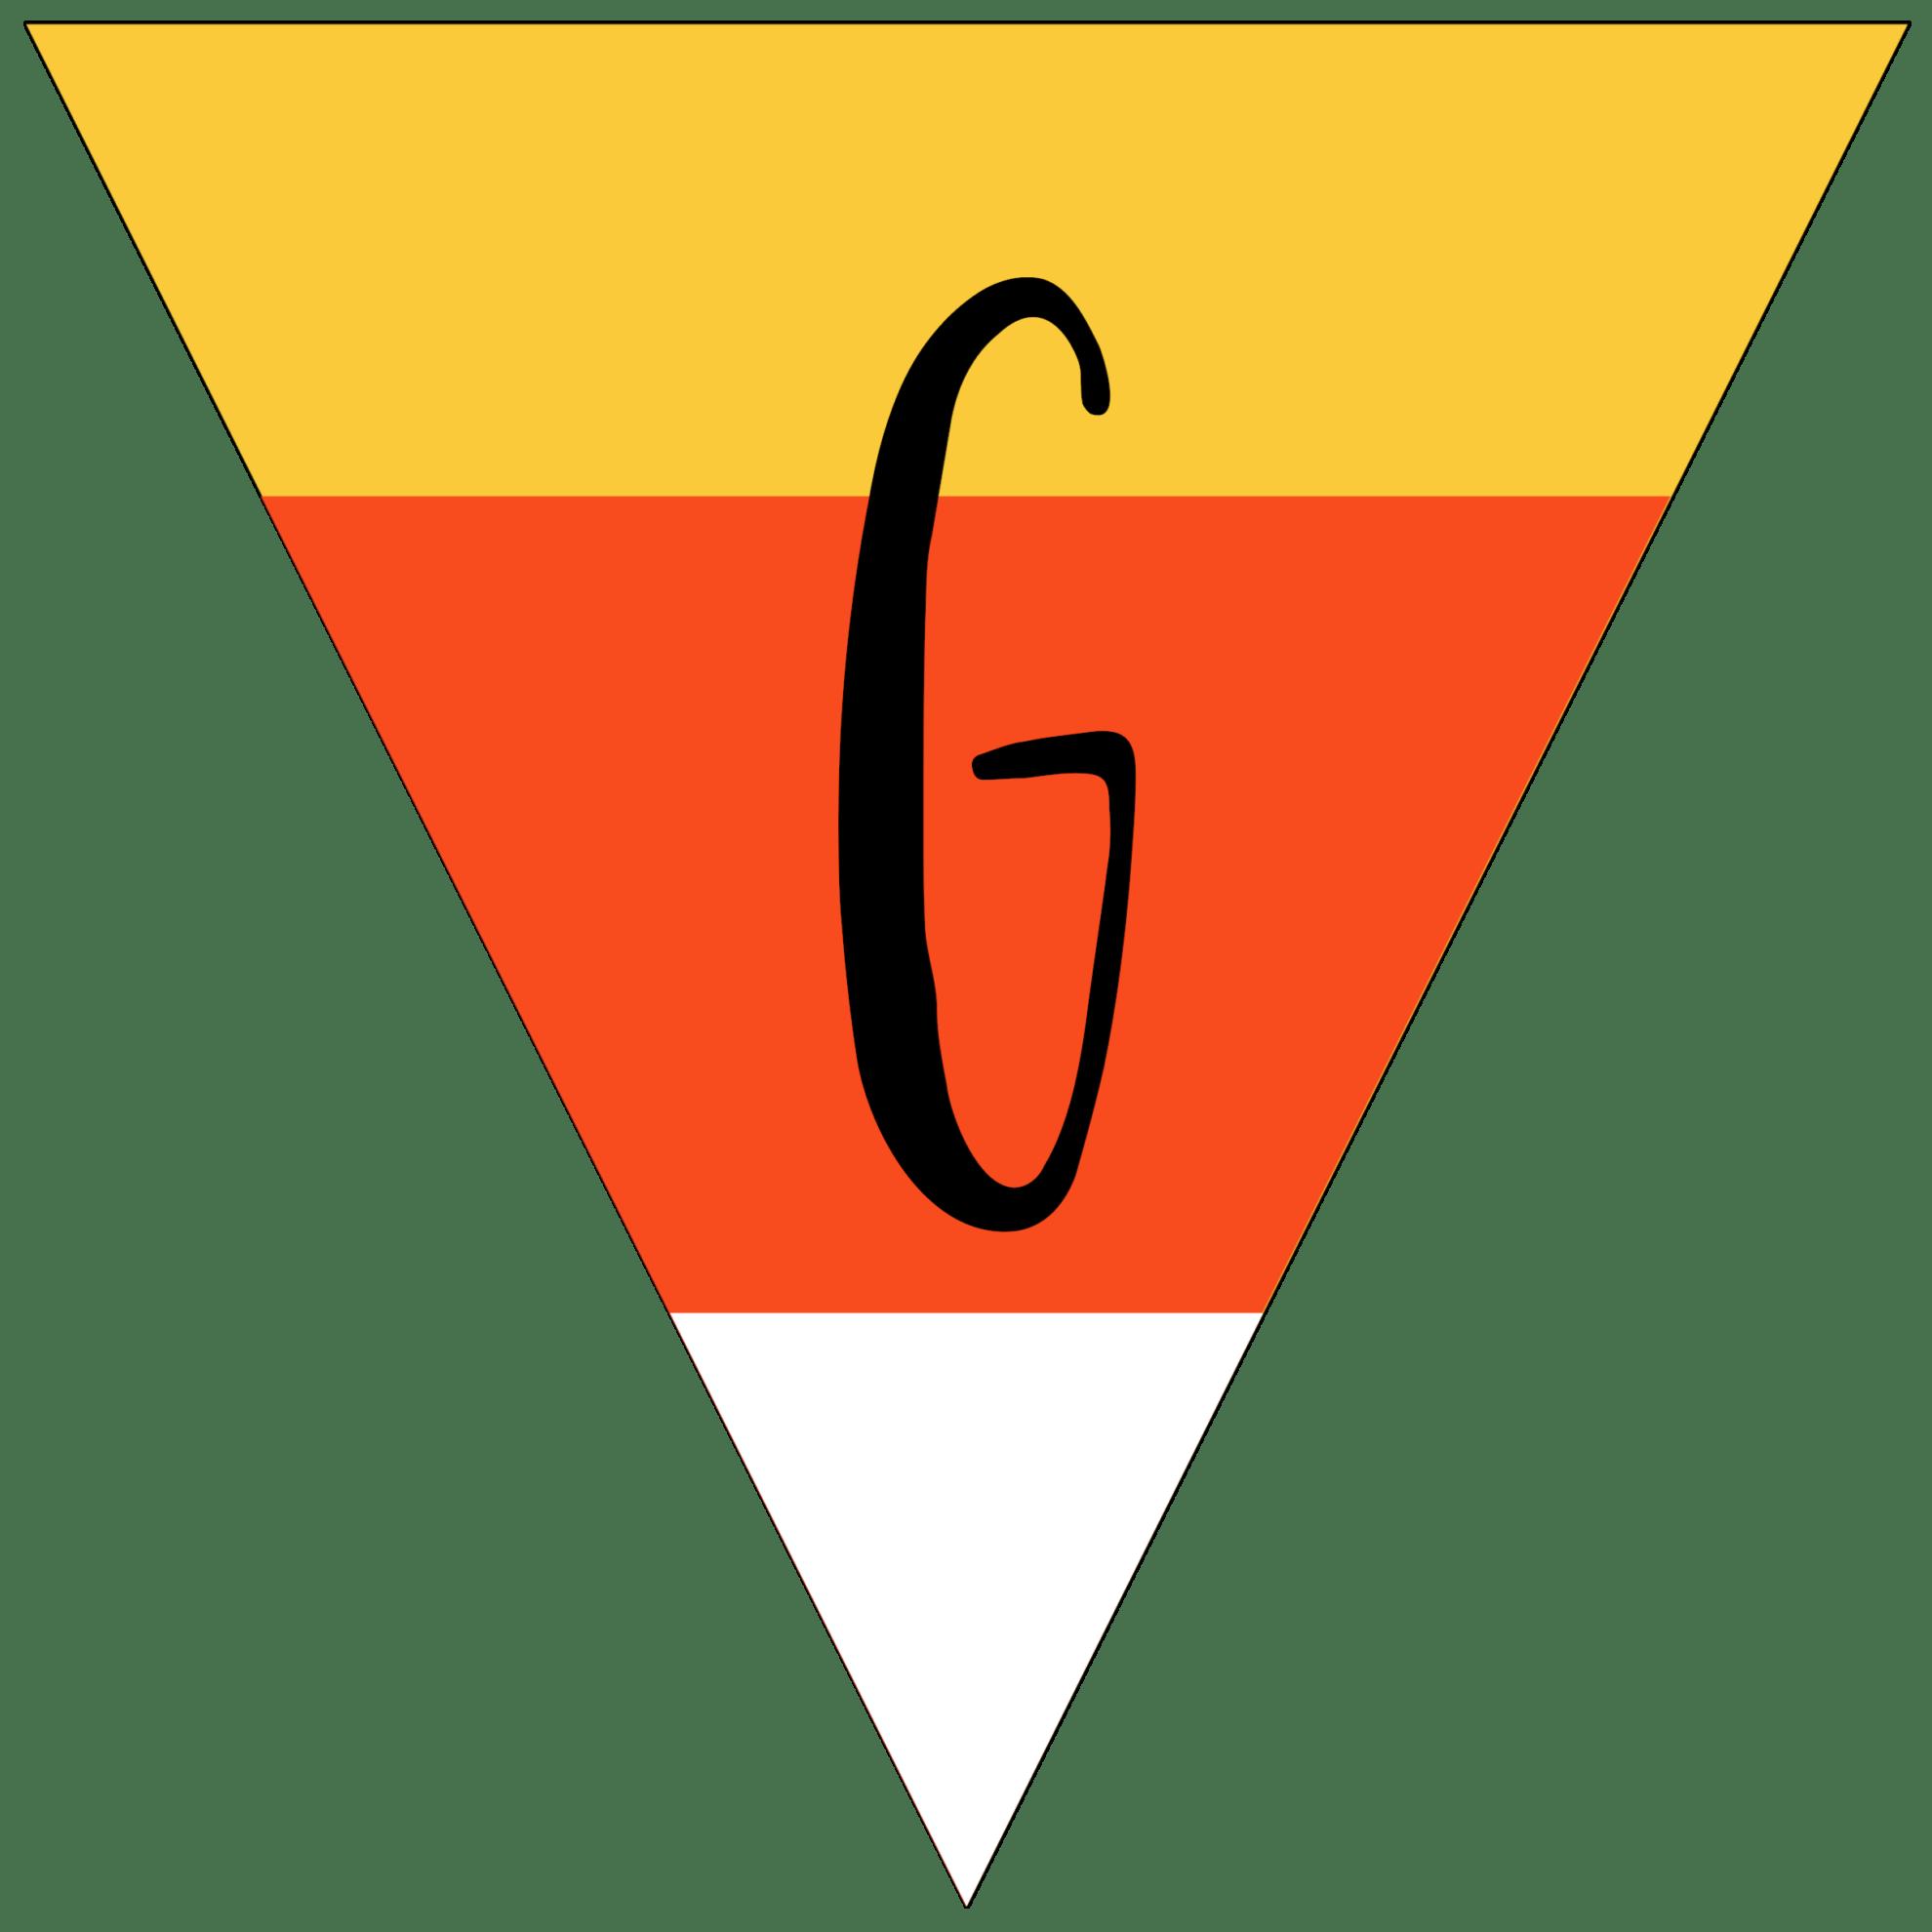 Letter G Worksheet For Preschoolers Graduation Letter Best Free Printable Worksheets